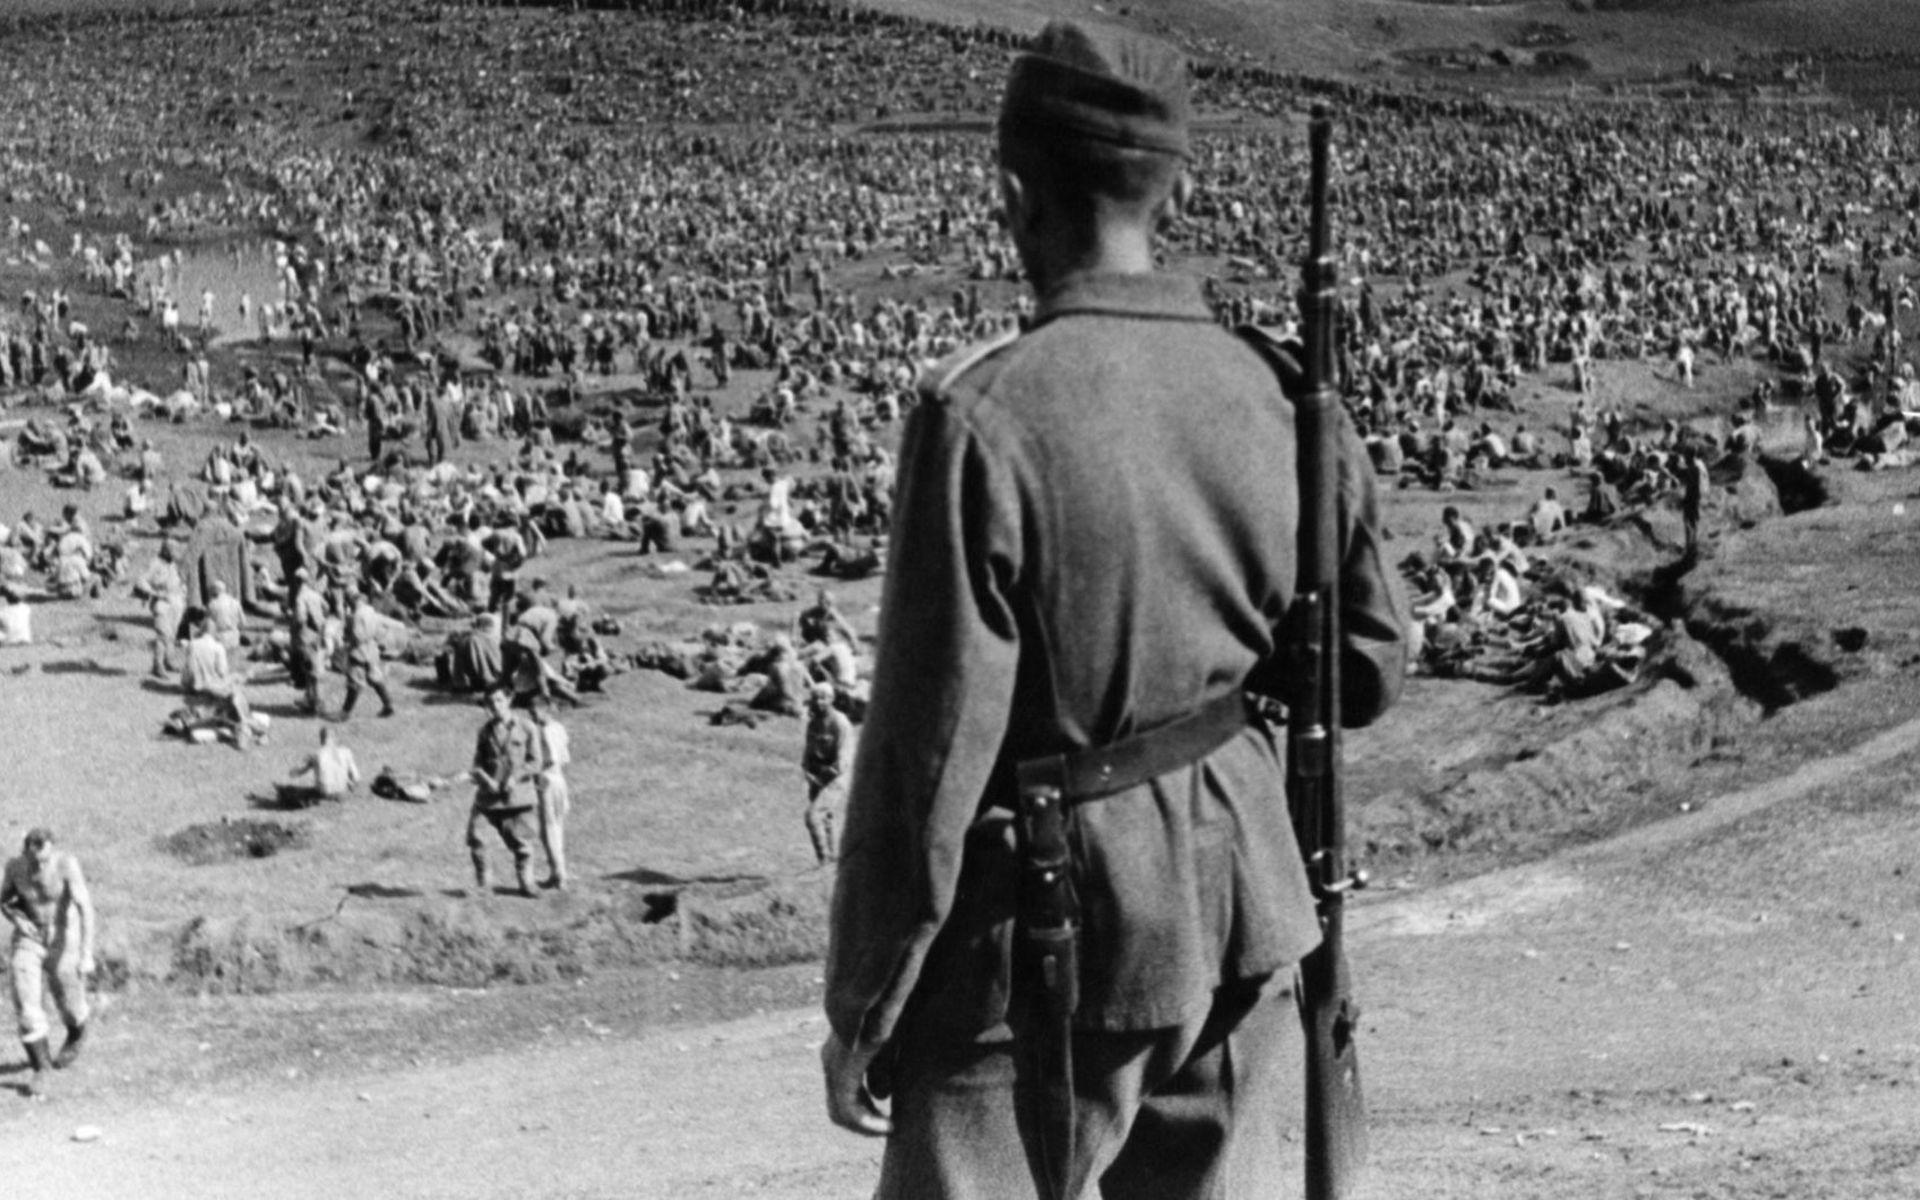 В России начался первый процесс о геноциде народов СССР История